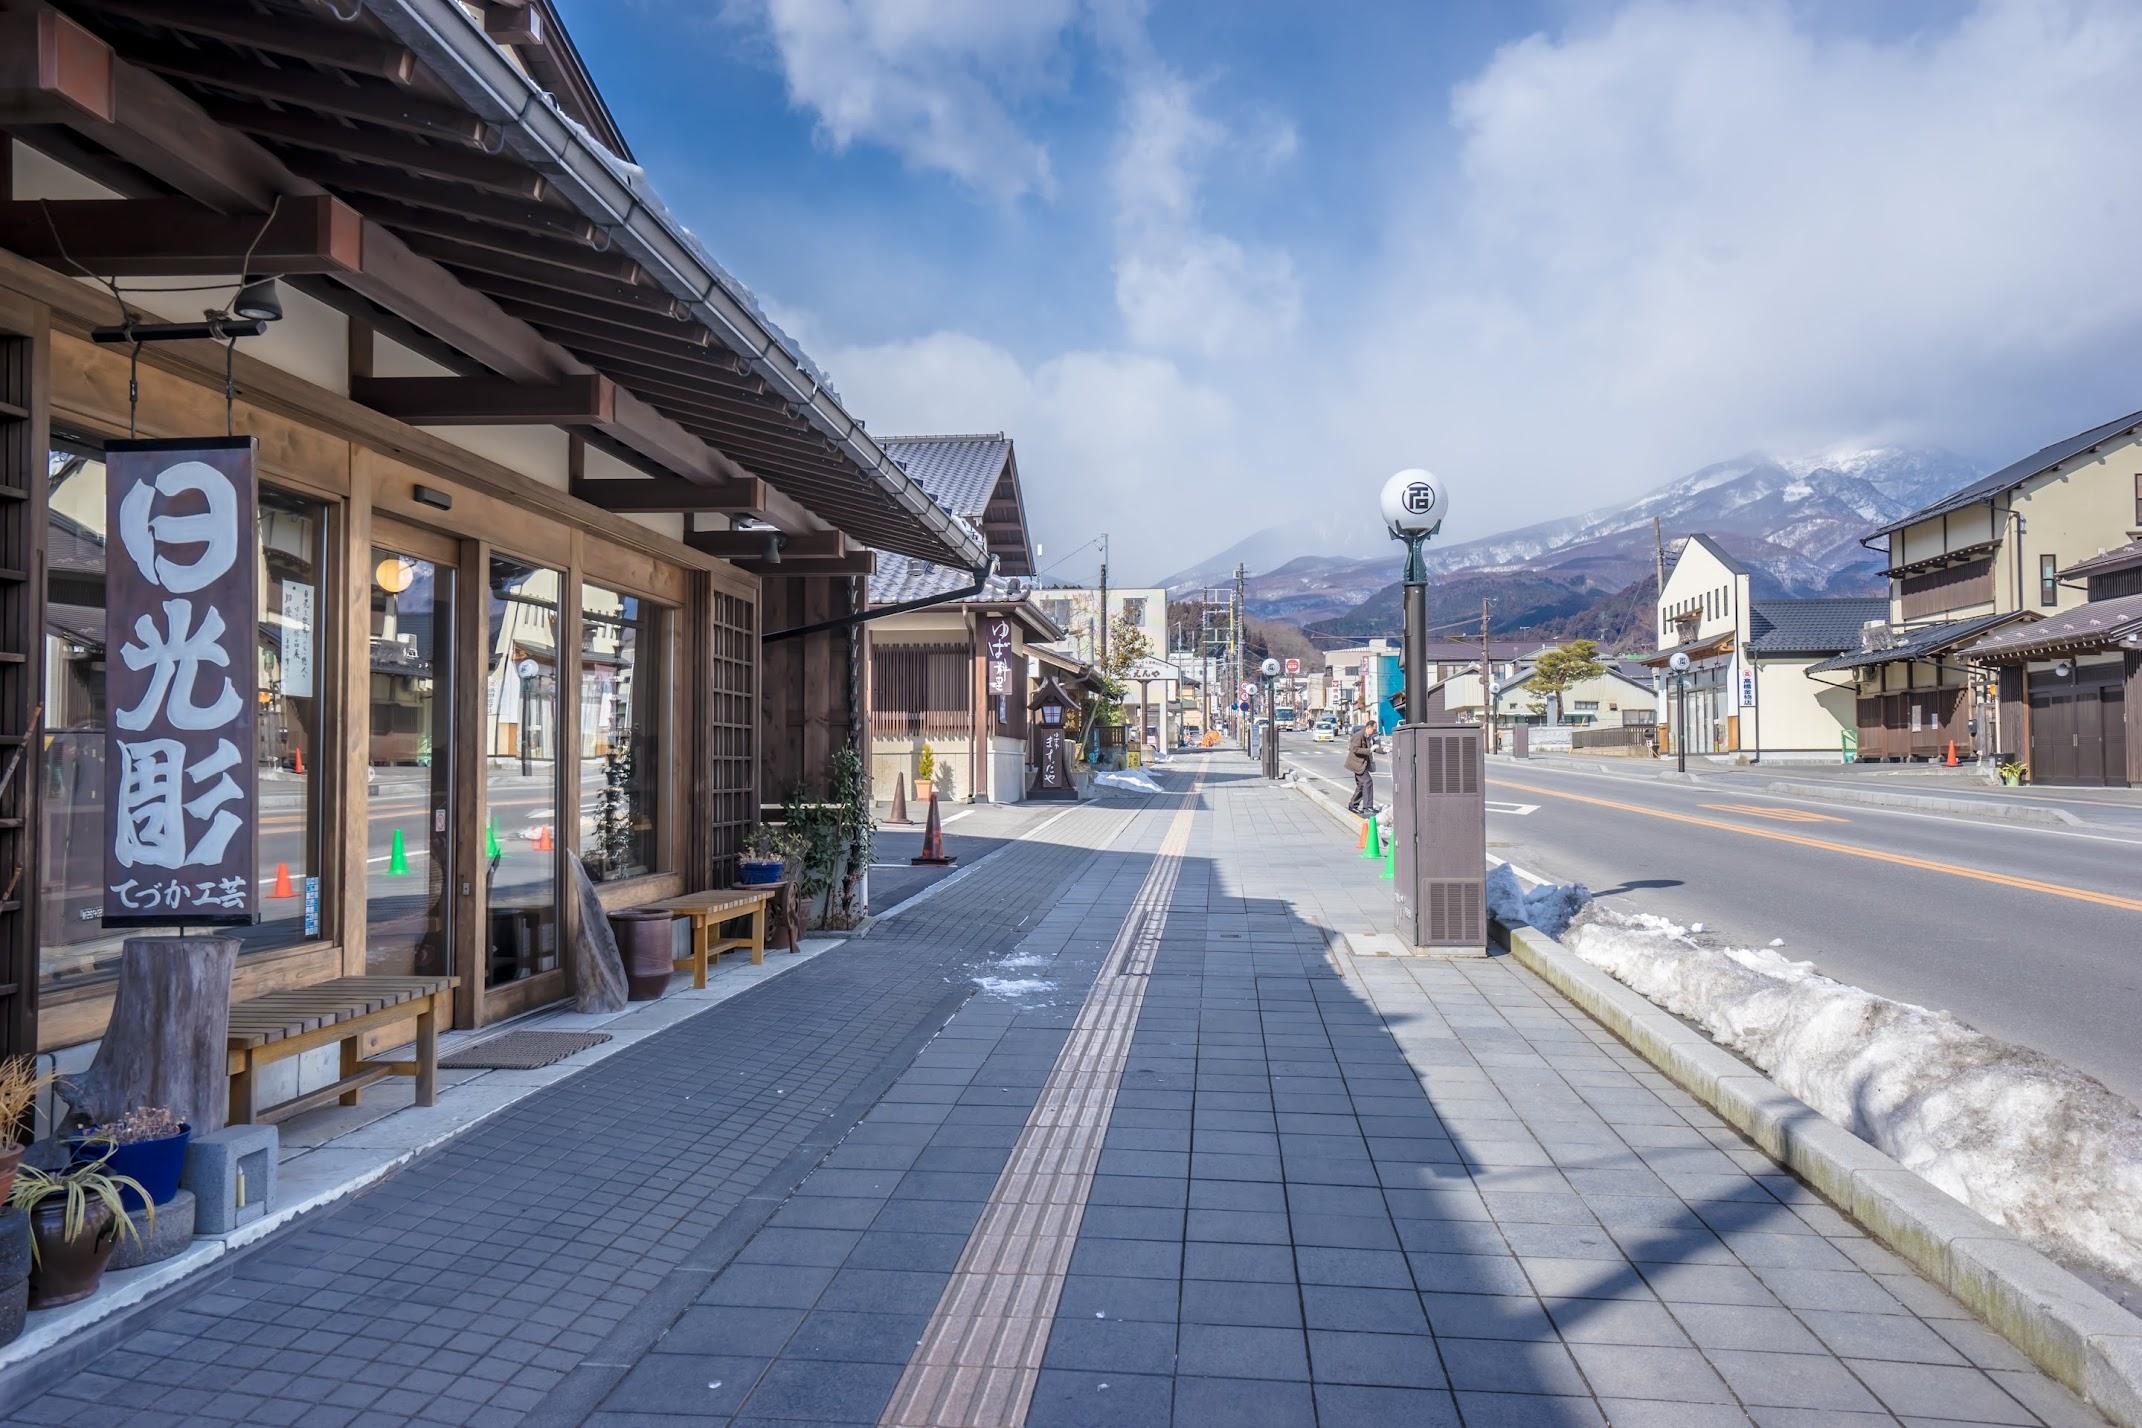 Nikko-kaido Road